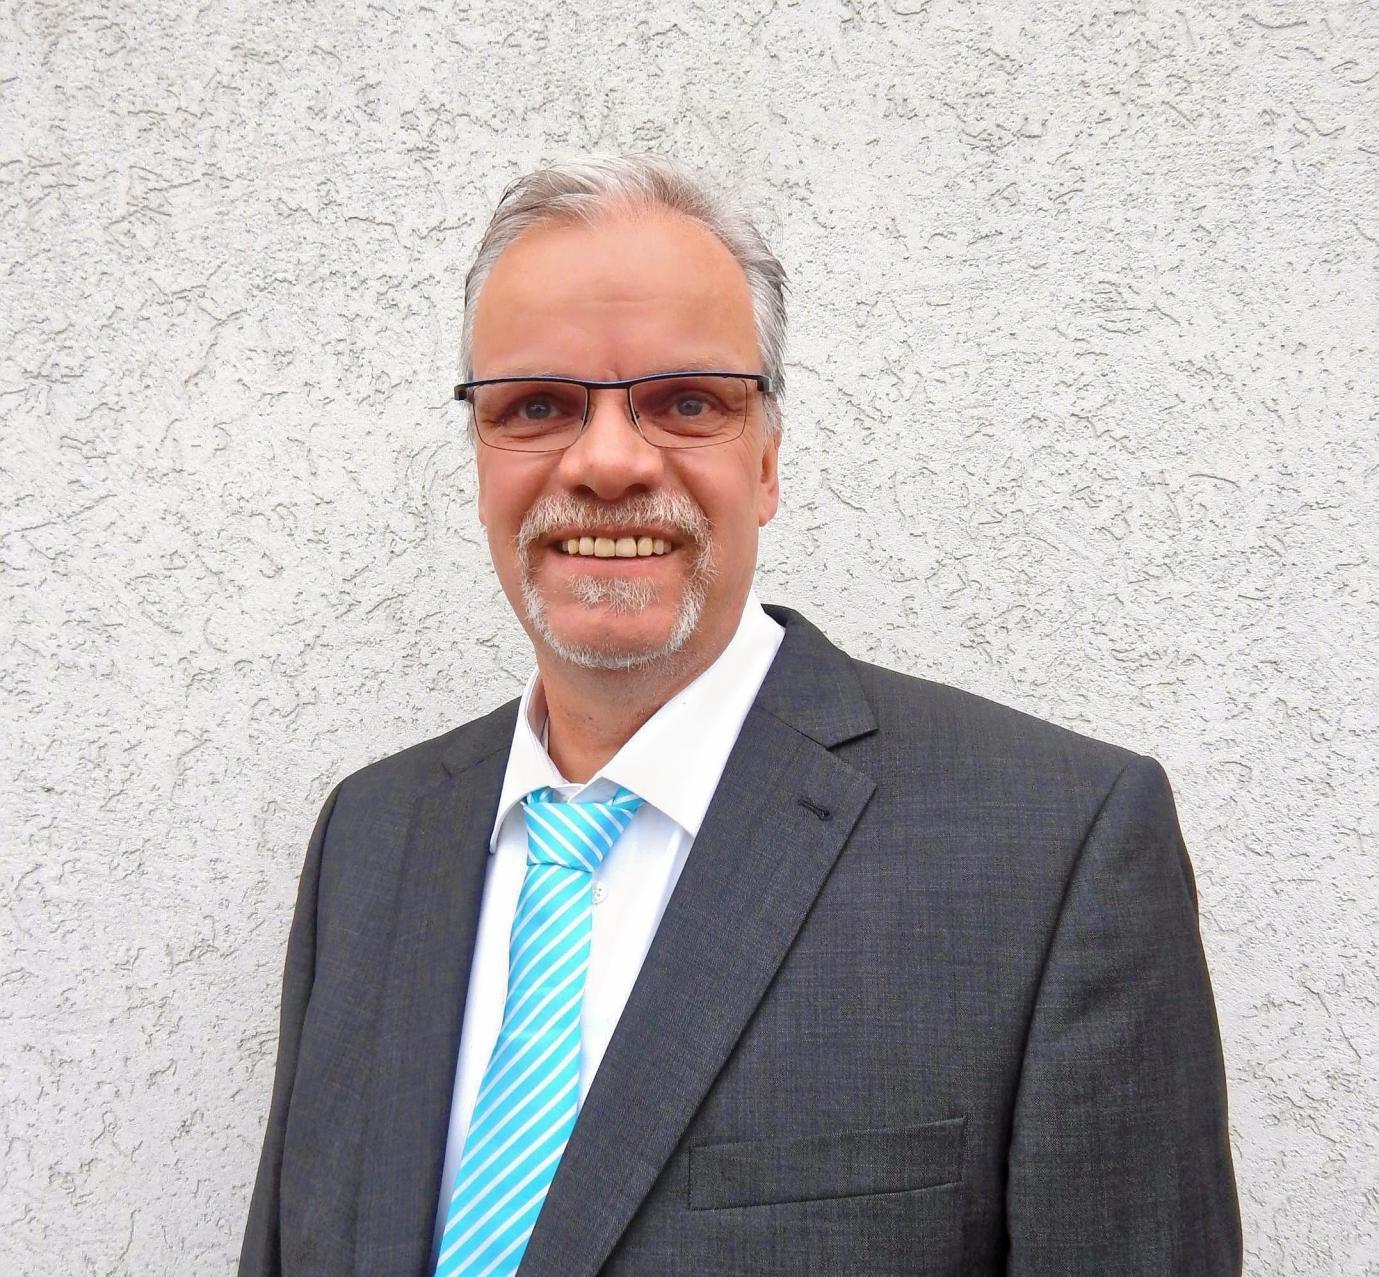 Ralf Dörner